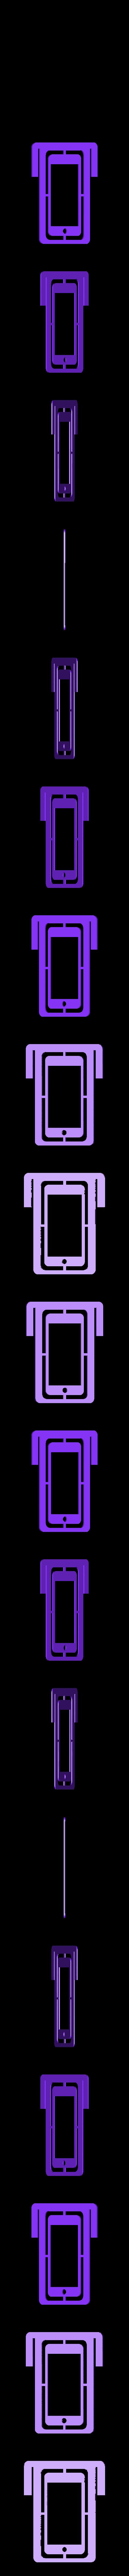 iOS_Design_Template_Full_Size.stl Télécharger fichier STL gratuit Pochoir et signet iOS Design • Objet pour impression 3D, arron_mollet22